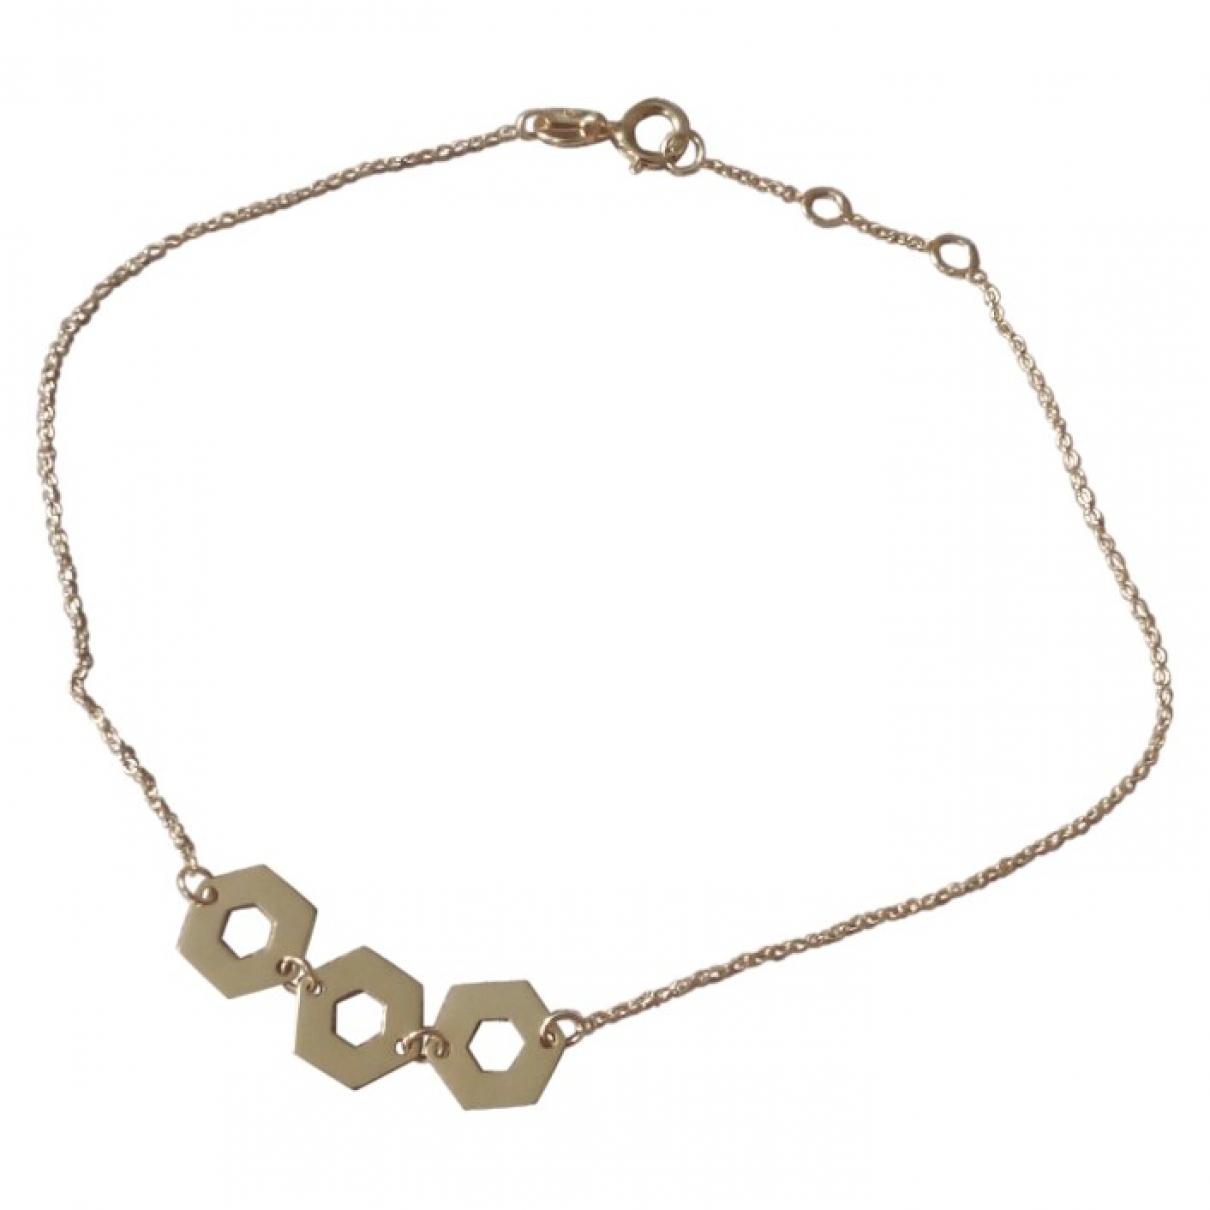 Pulsera Chaines de Oro amarillo Non Signe / Unsigned